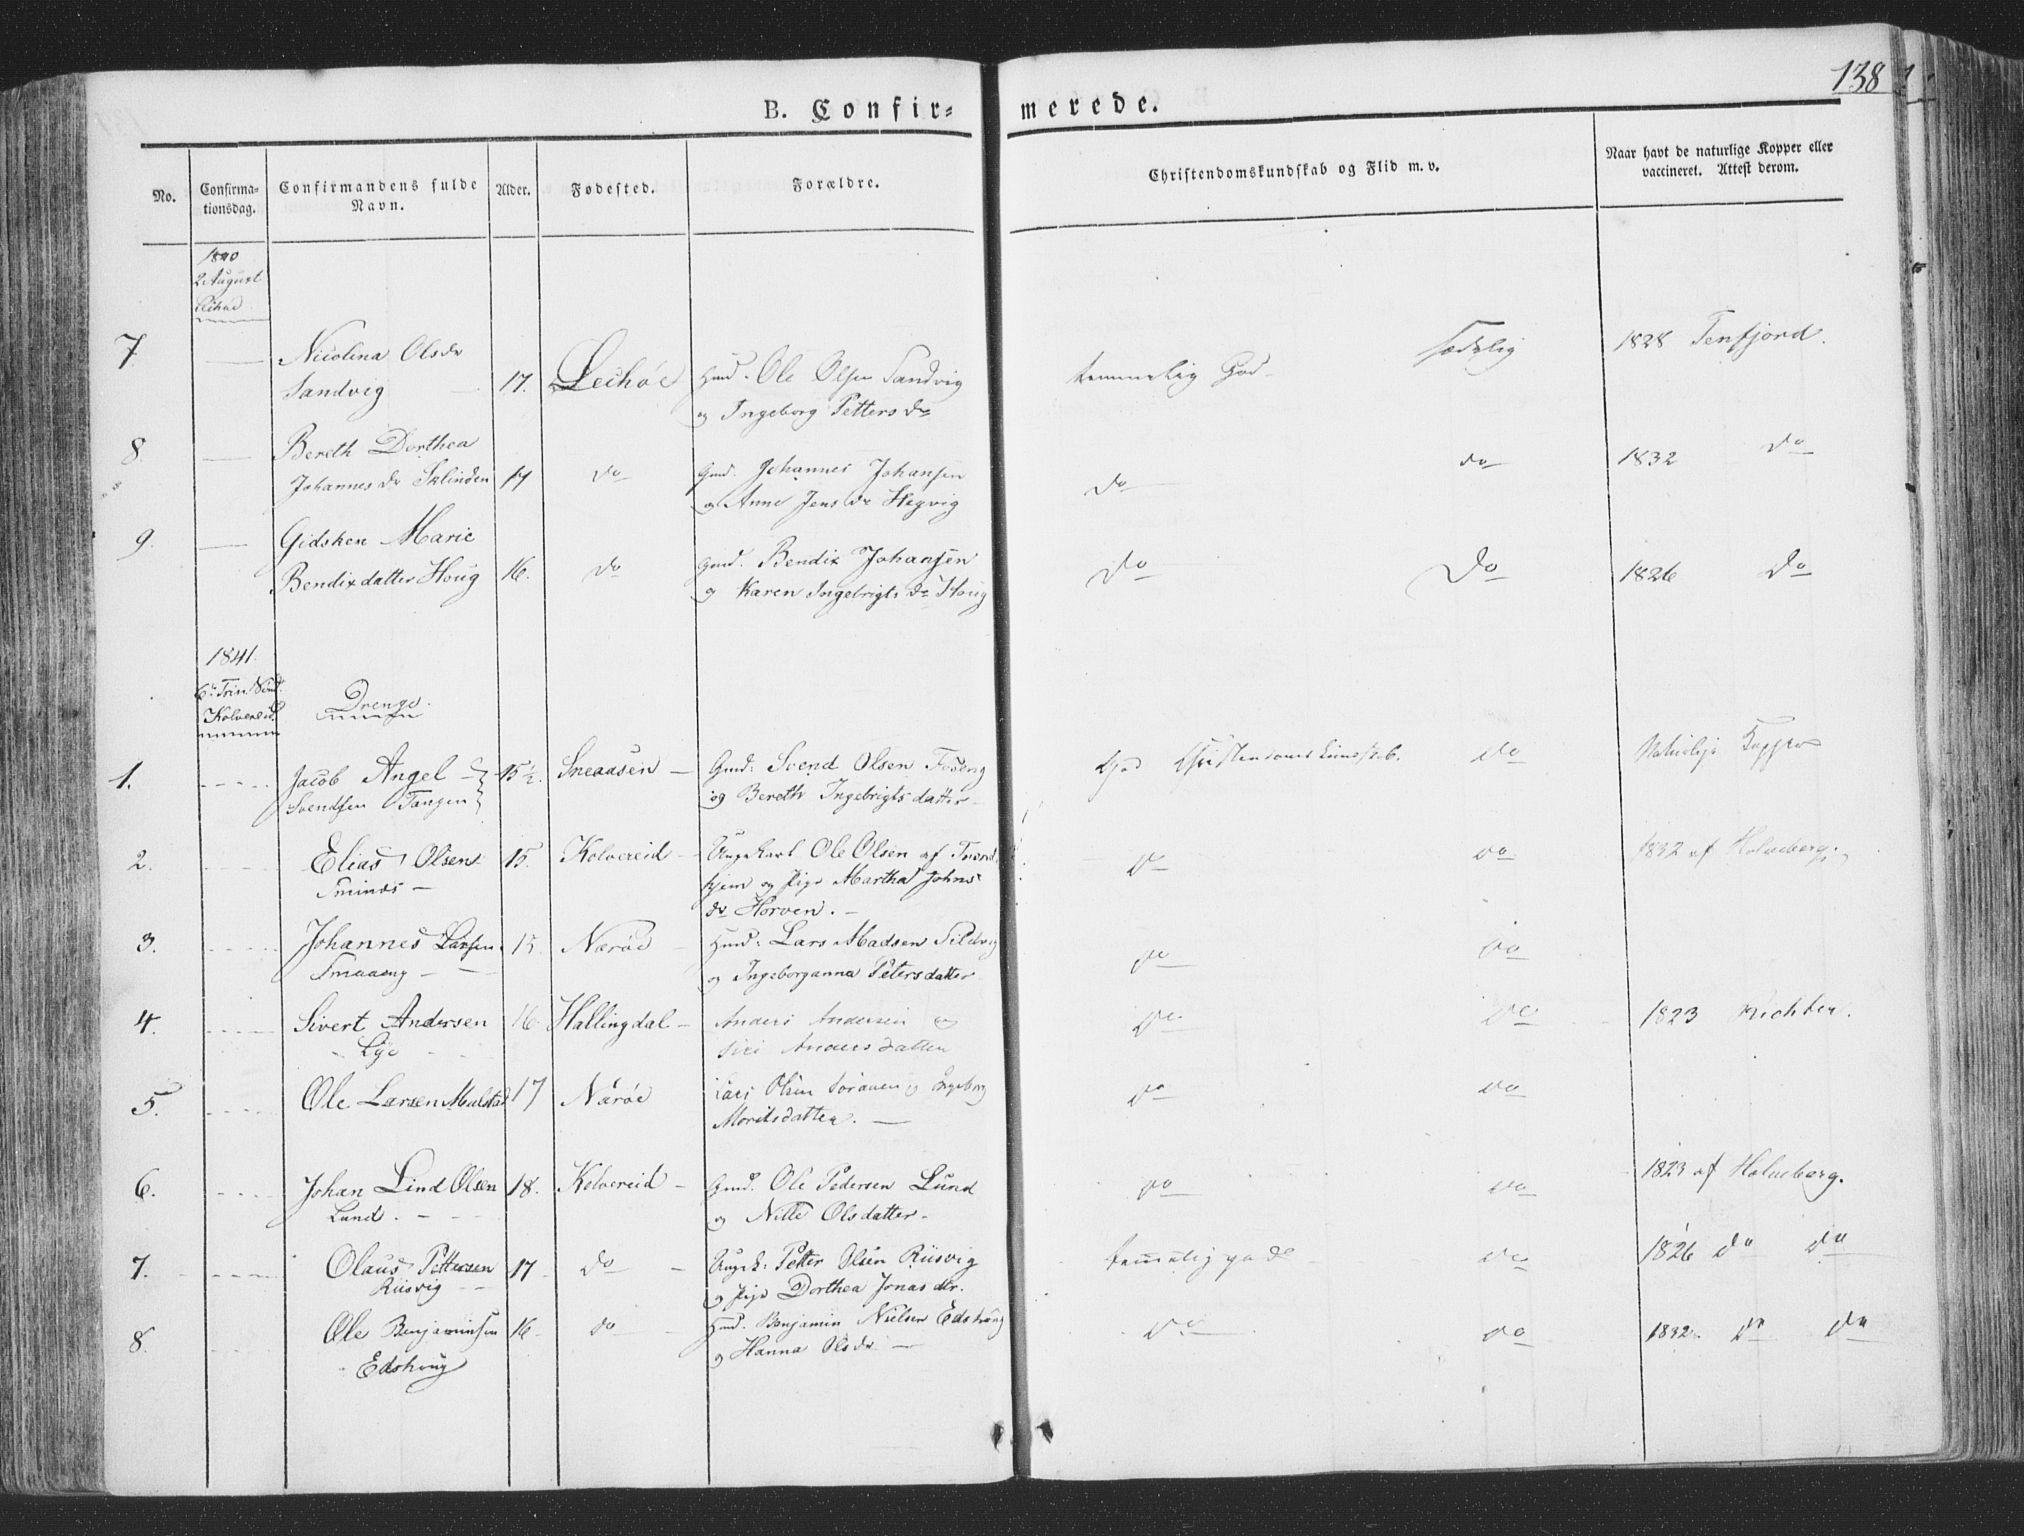 SAT, Ministerialprotokoller, klokkerbøker og fødselsregistre - Nord-Trøndelag, 780/L0639: Ministerialbok nr. 780A04, 1830-1844, s. 138